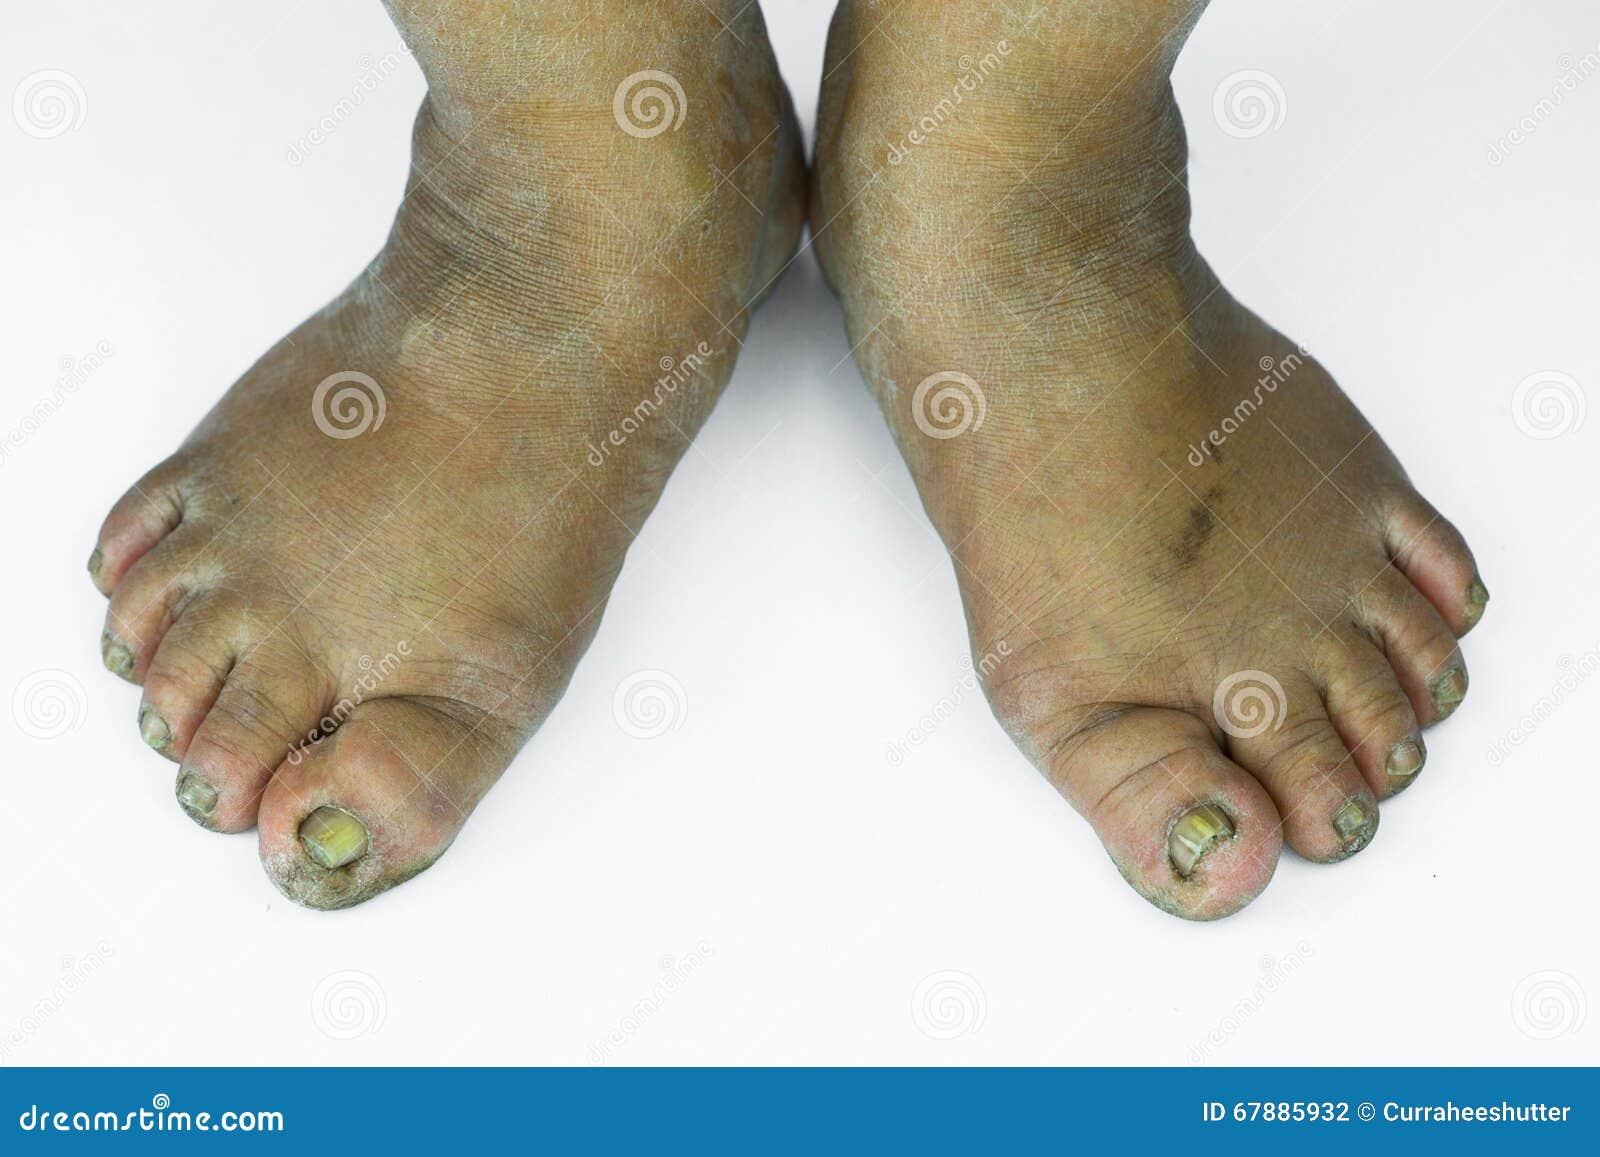 肮脏脚或破裂的脚跟孤立在白色背景、医疗或者脚人民的健康,医疗中心脚跟或脚